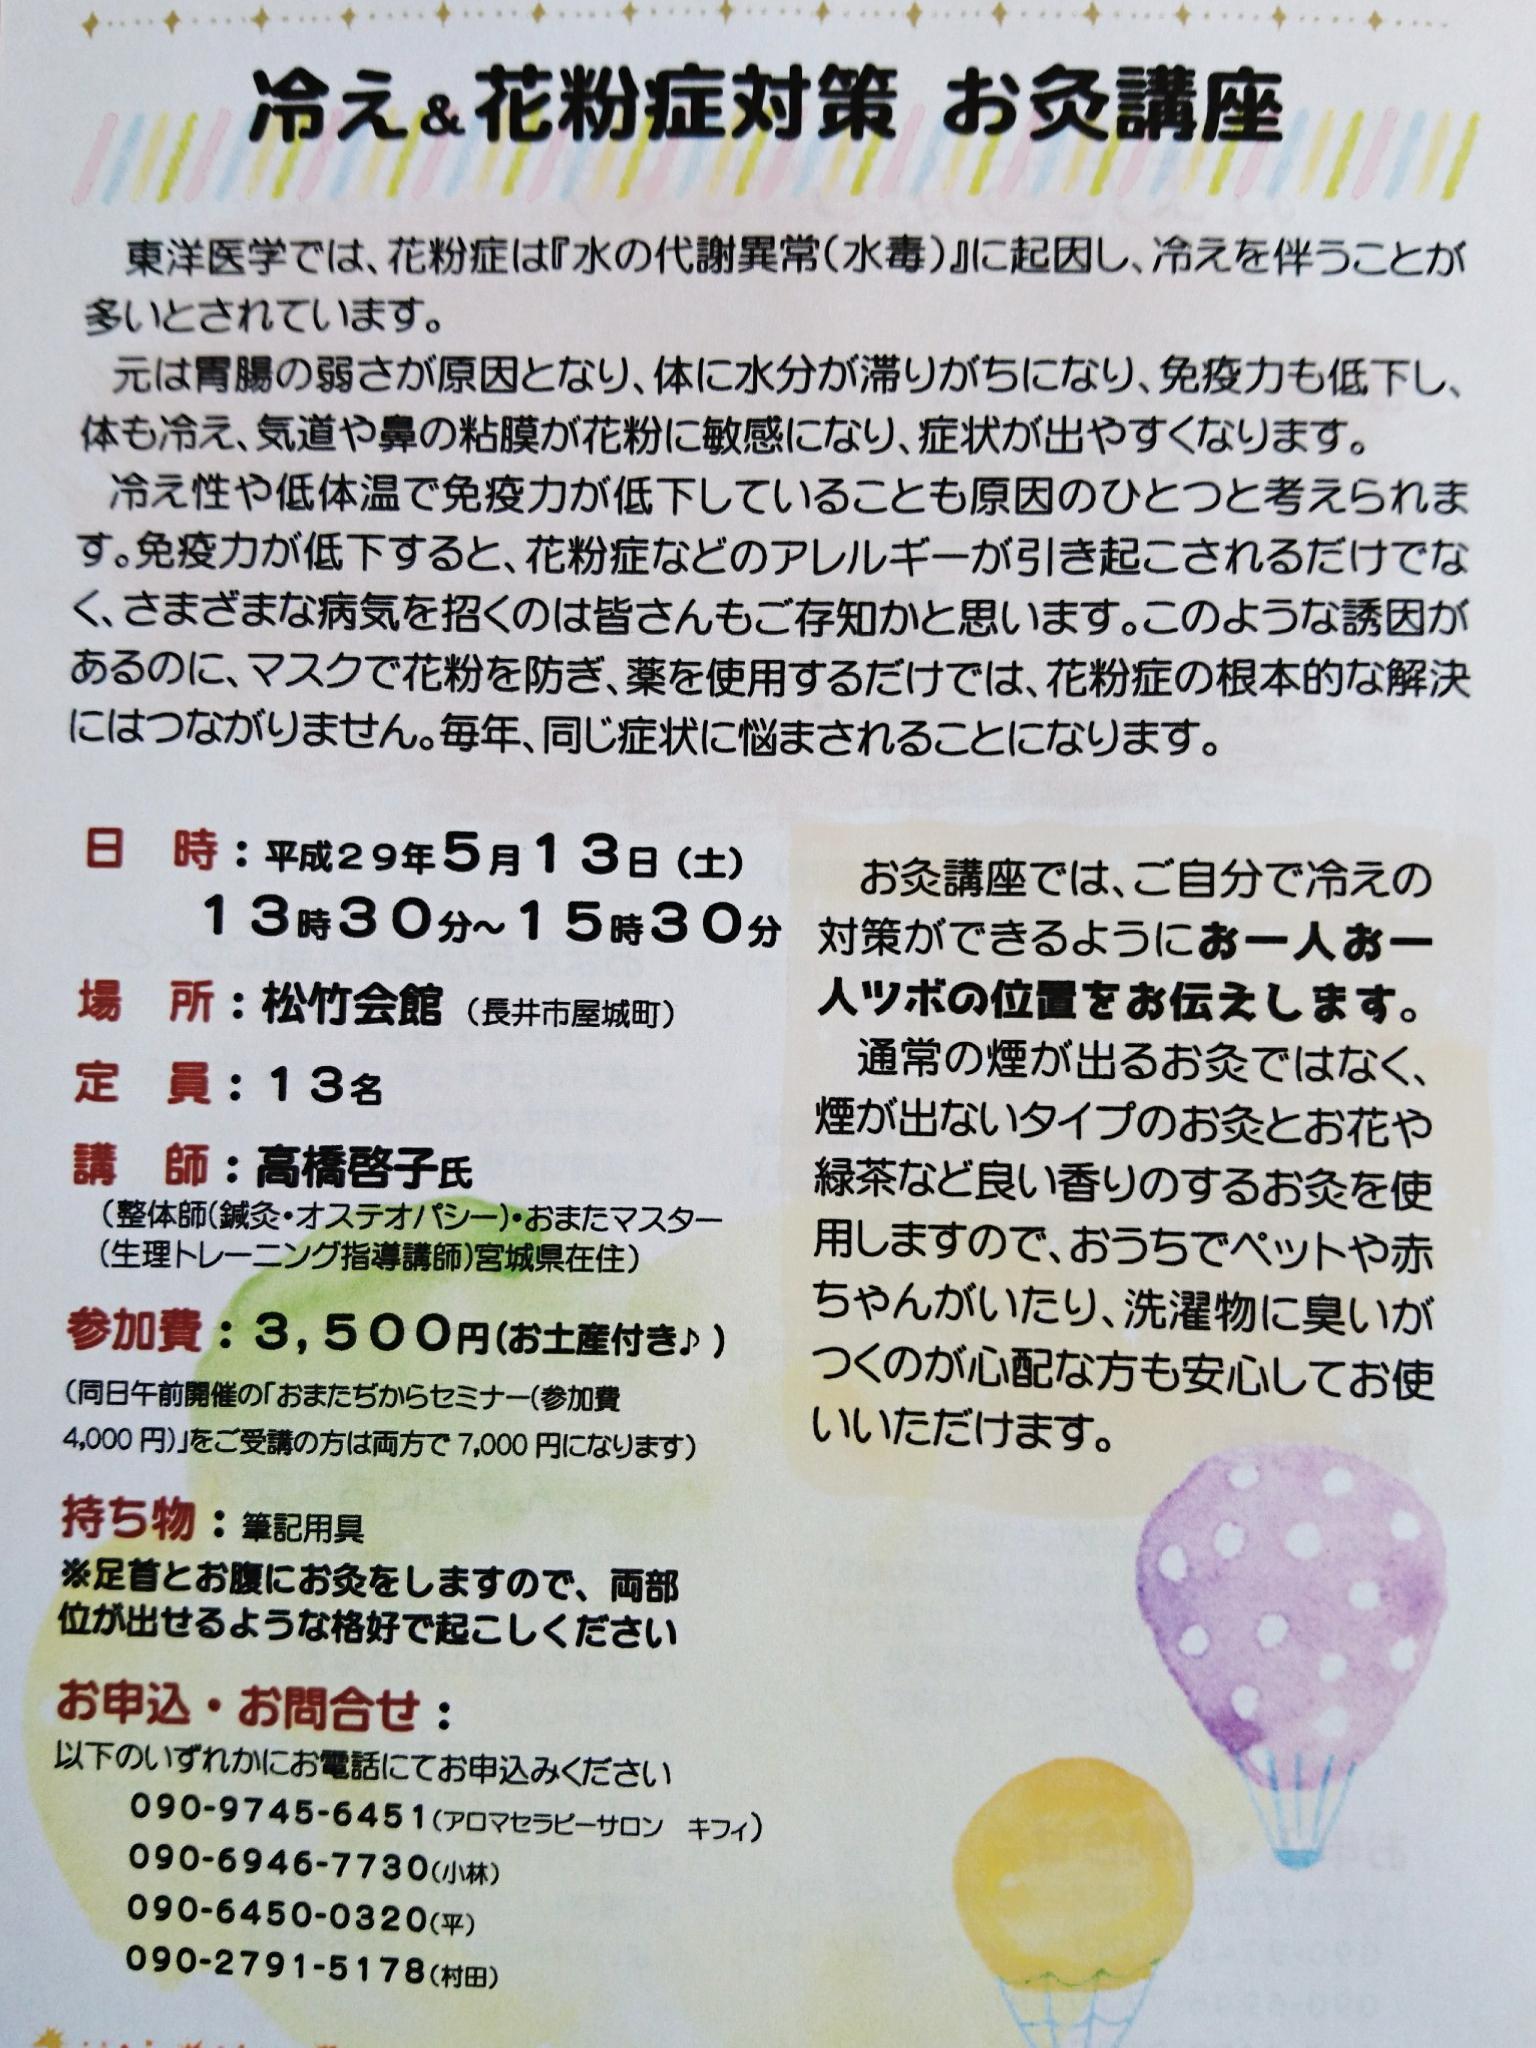 山形初!「おまたぢから講座」&「冷え&花粉症のお灸講座」in長井